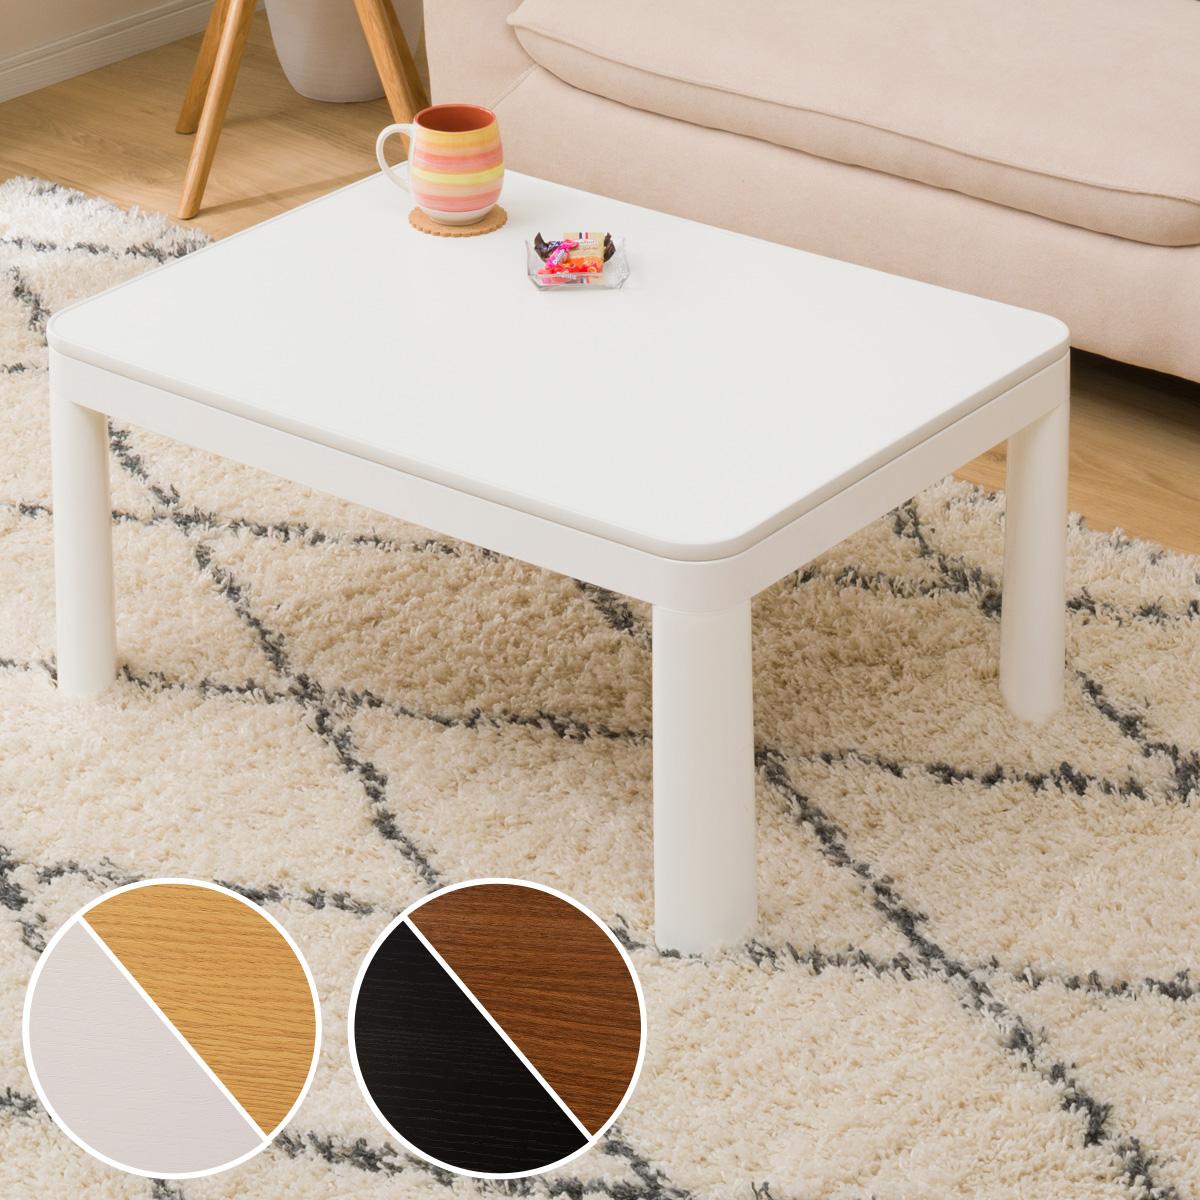 こたつ テーブル ニトリ ニトリ「昇降こたつ」12月お届けの人気商品!使って感じたメリット・デメリット